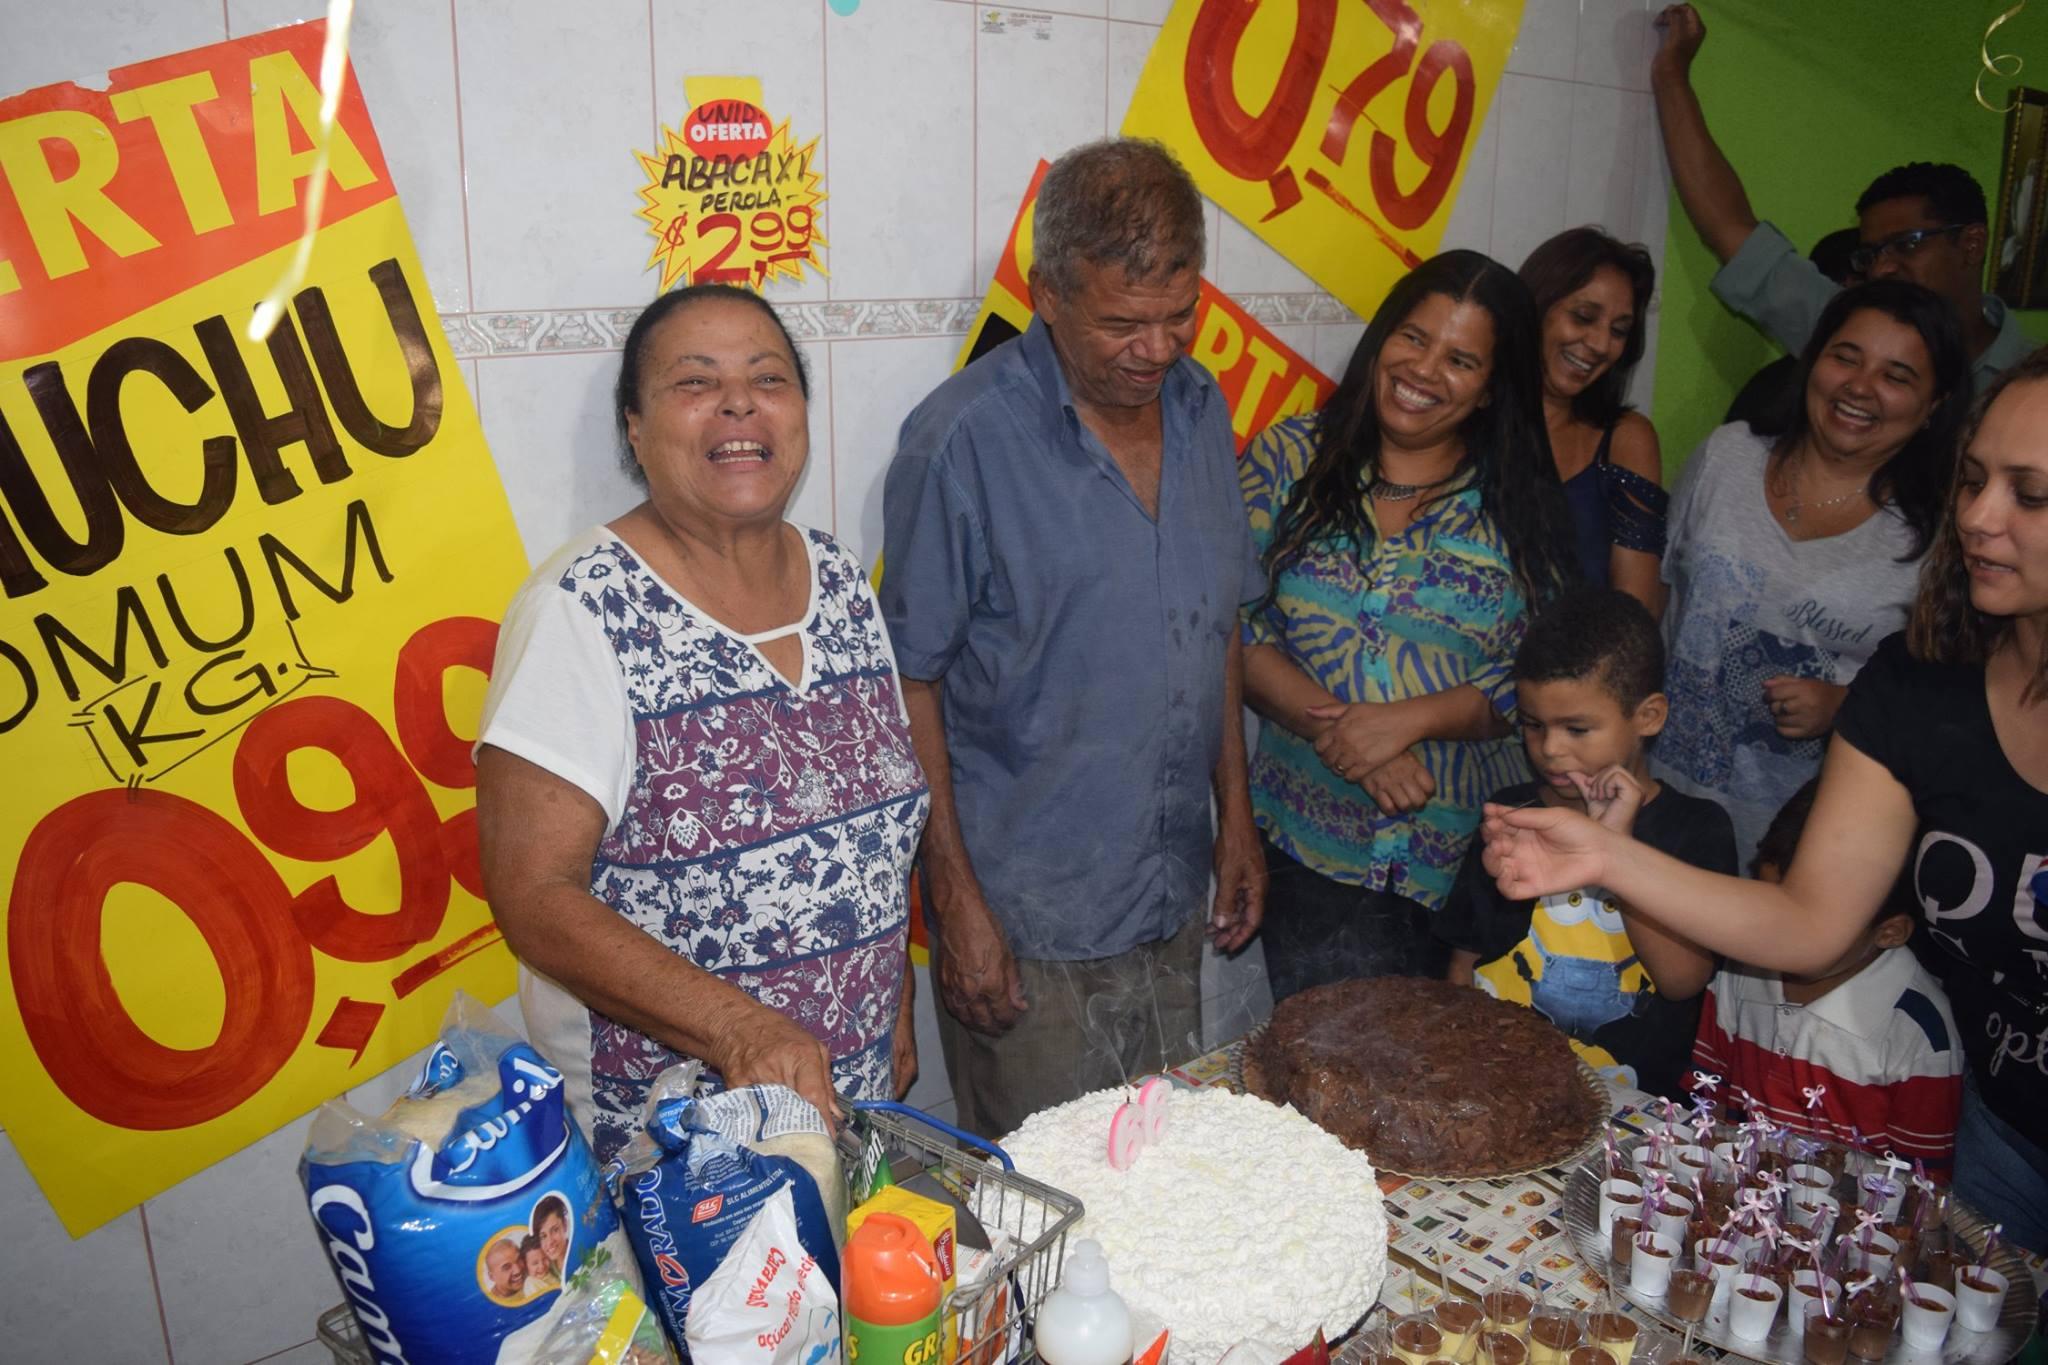 festa aniversário supermercado